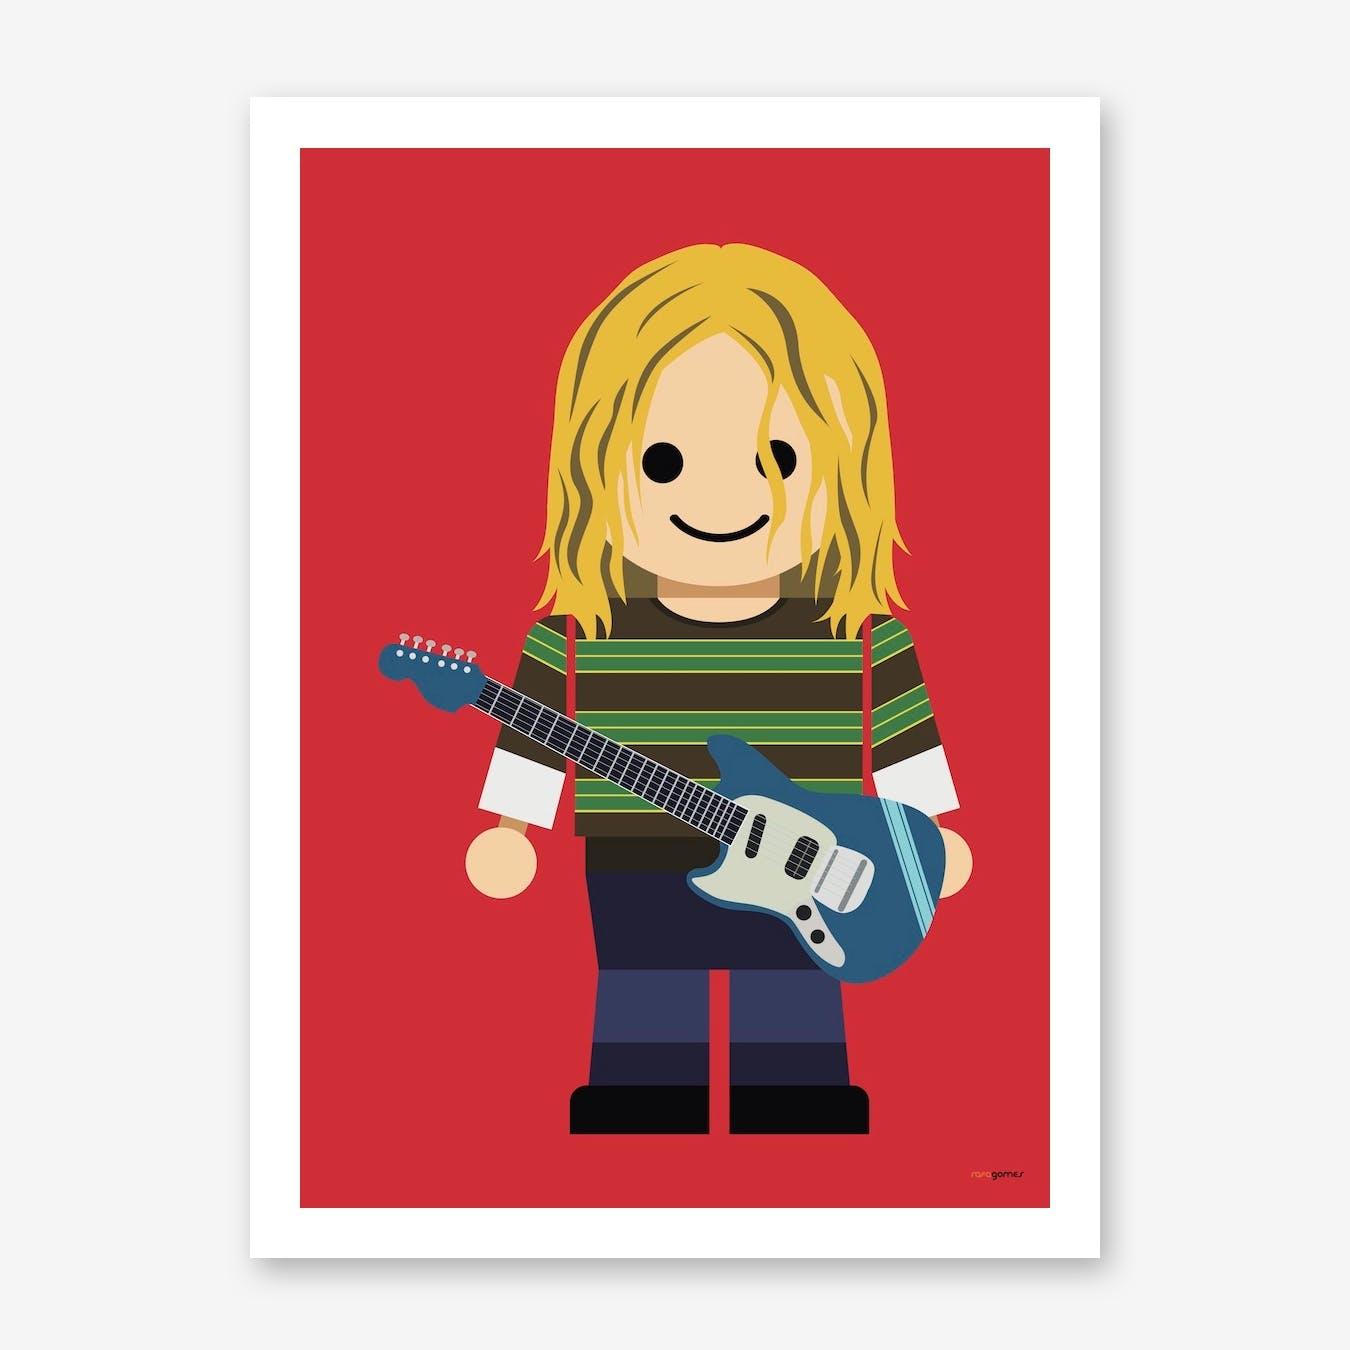 Toy Kurt Cobain